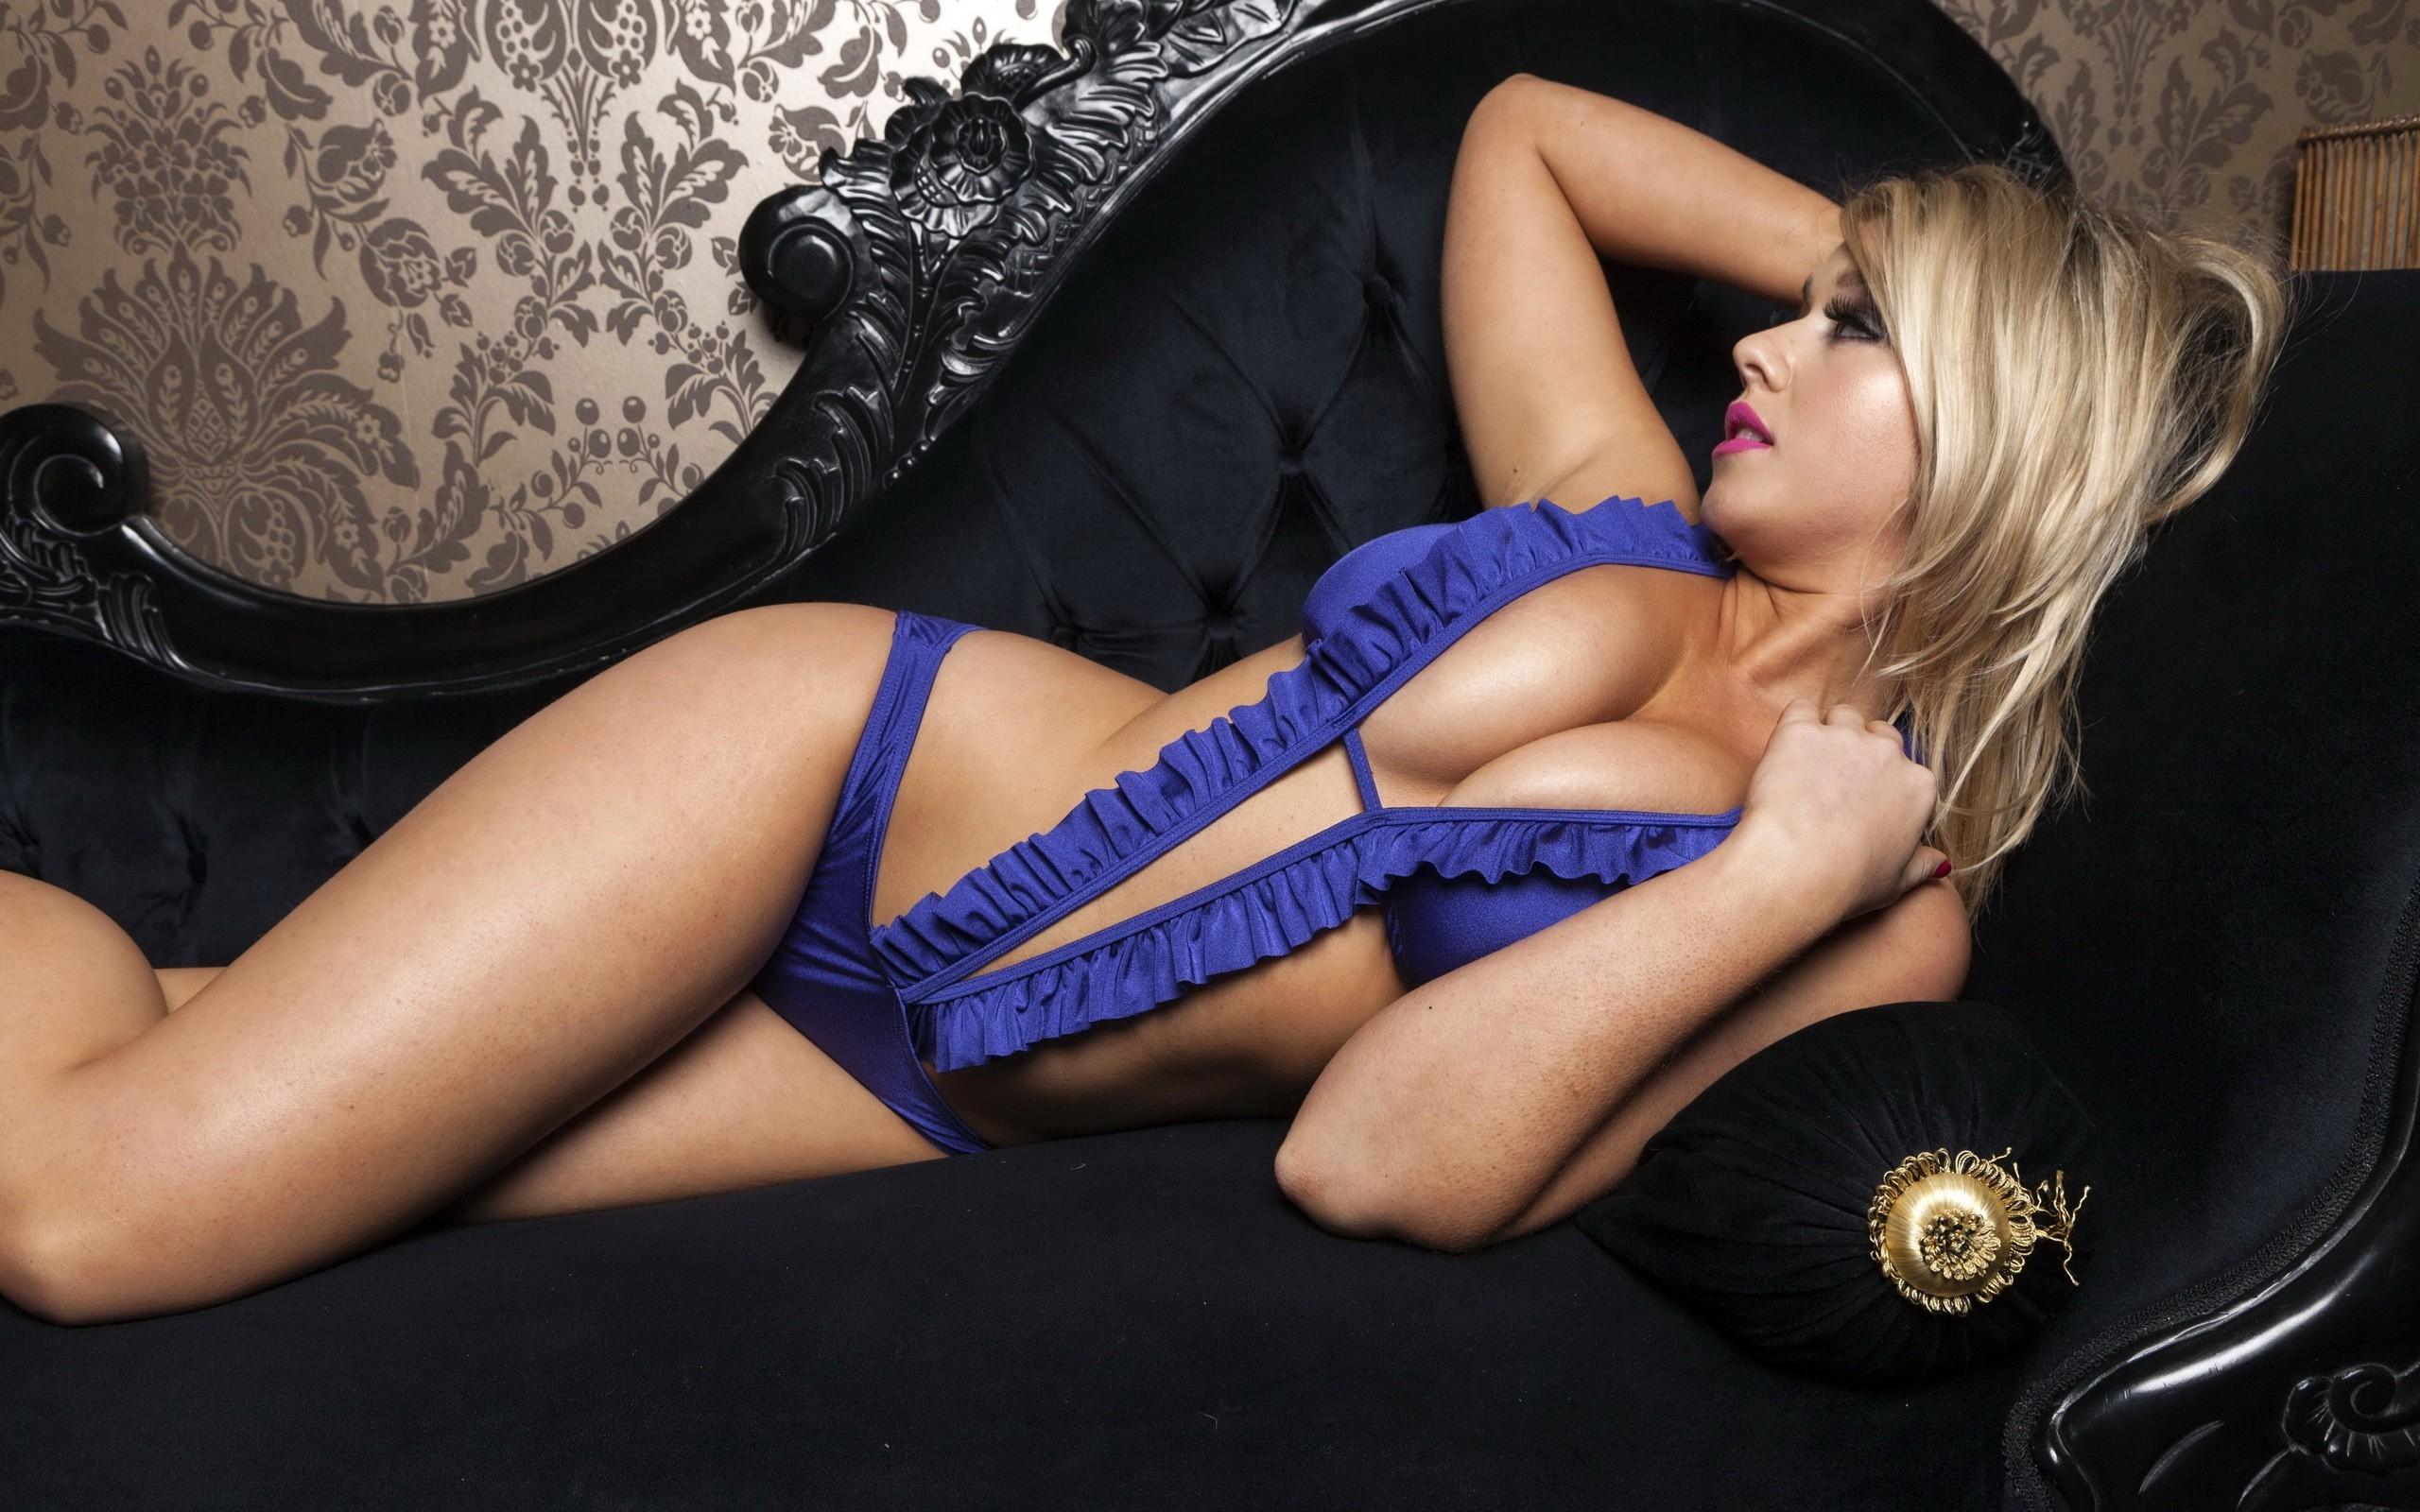 porno-chernie-bolshie-v-blondinok